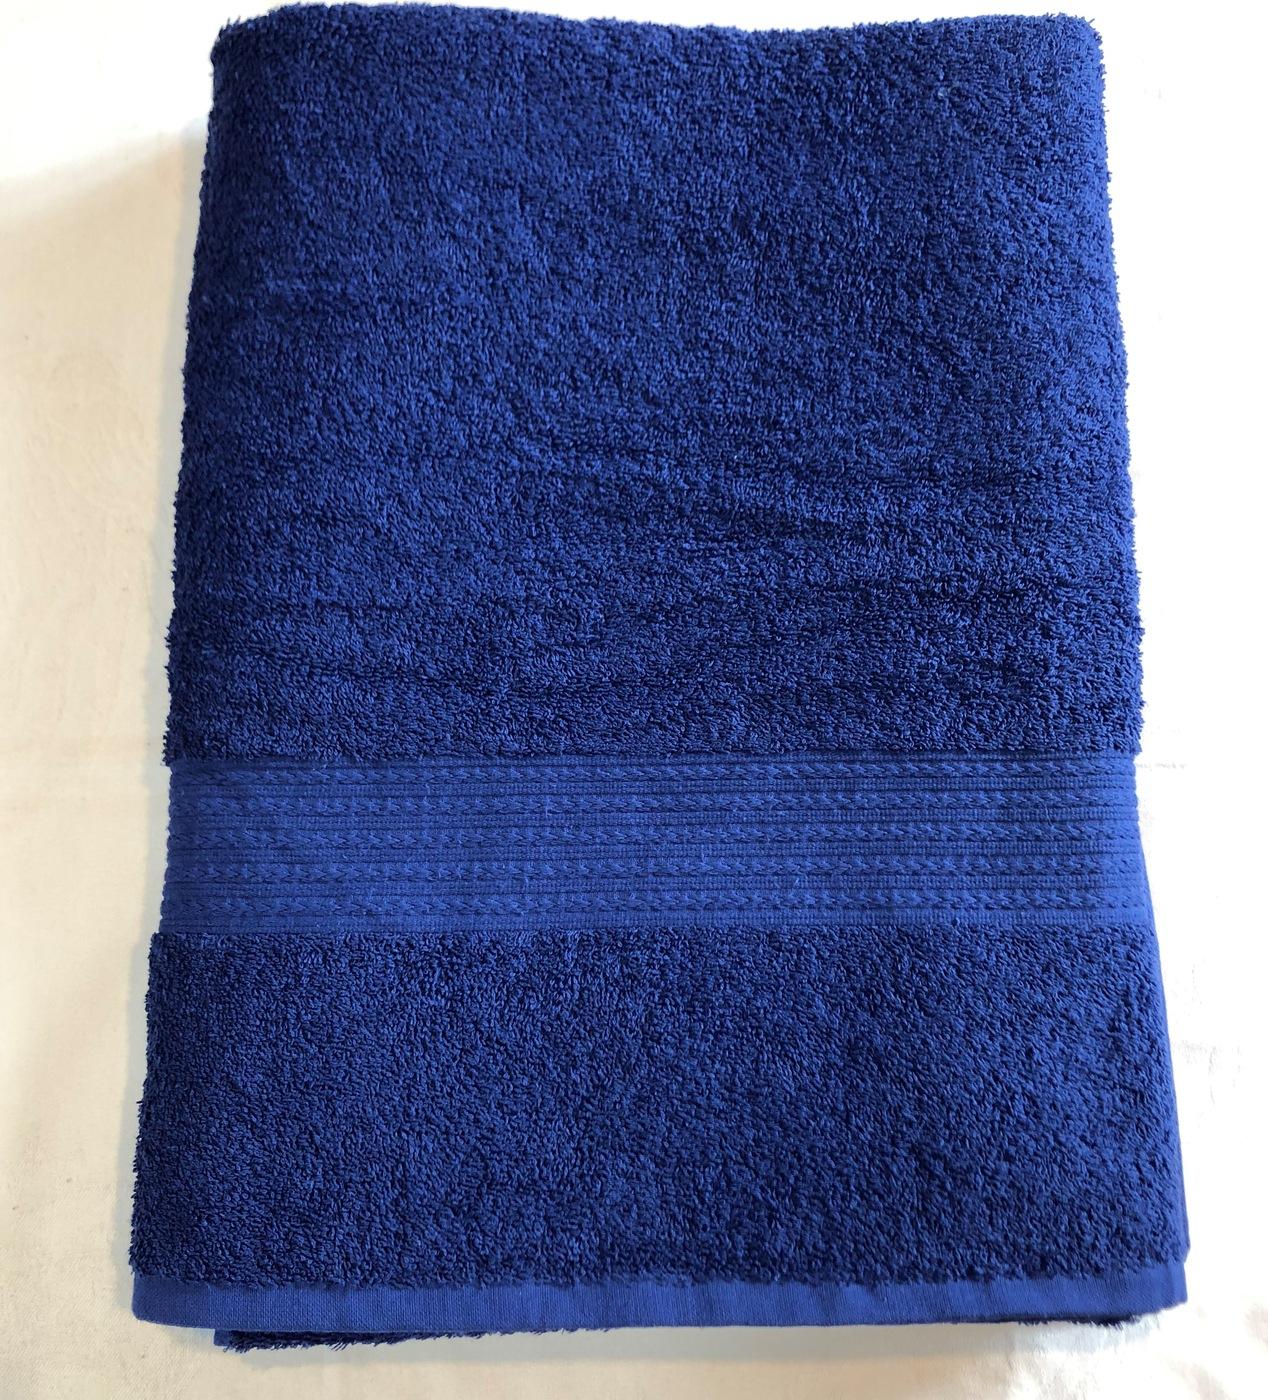 Простыня Pastel 582002 2-х спальное темно-синий playboy темно синий 85 ярдов